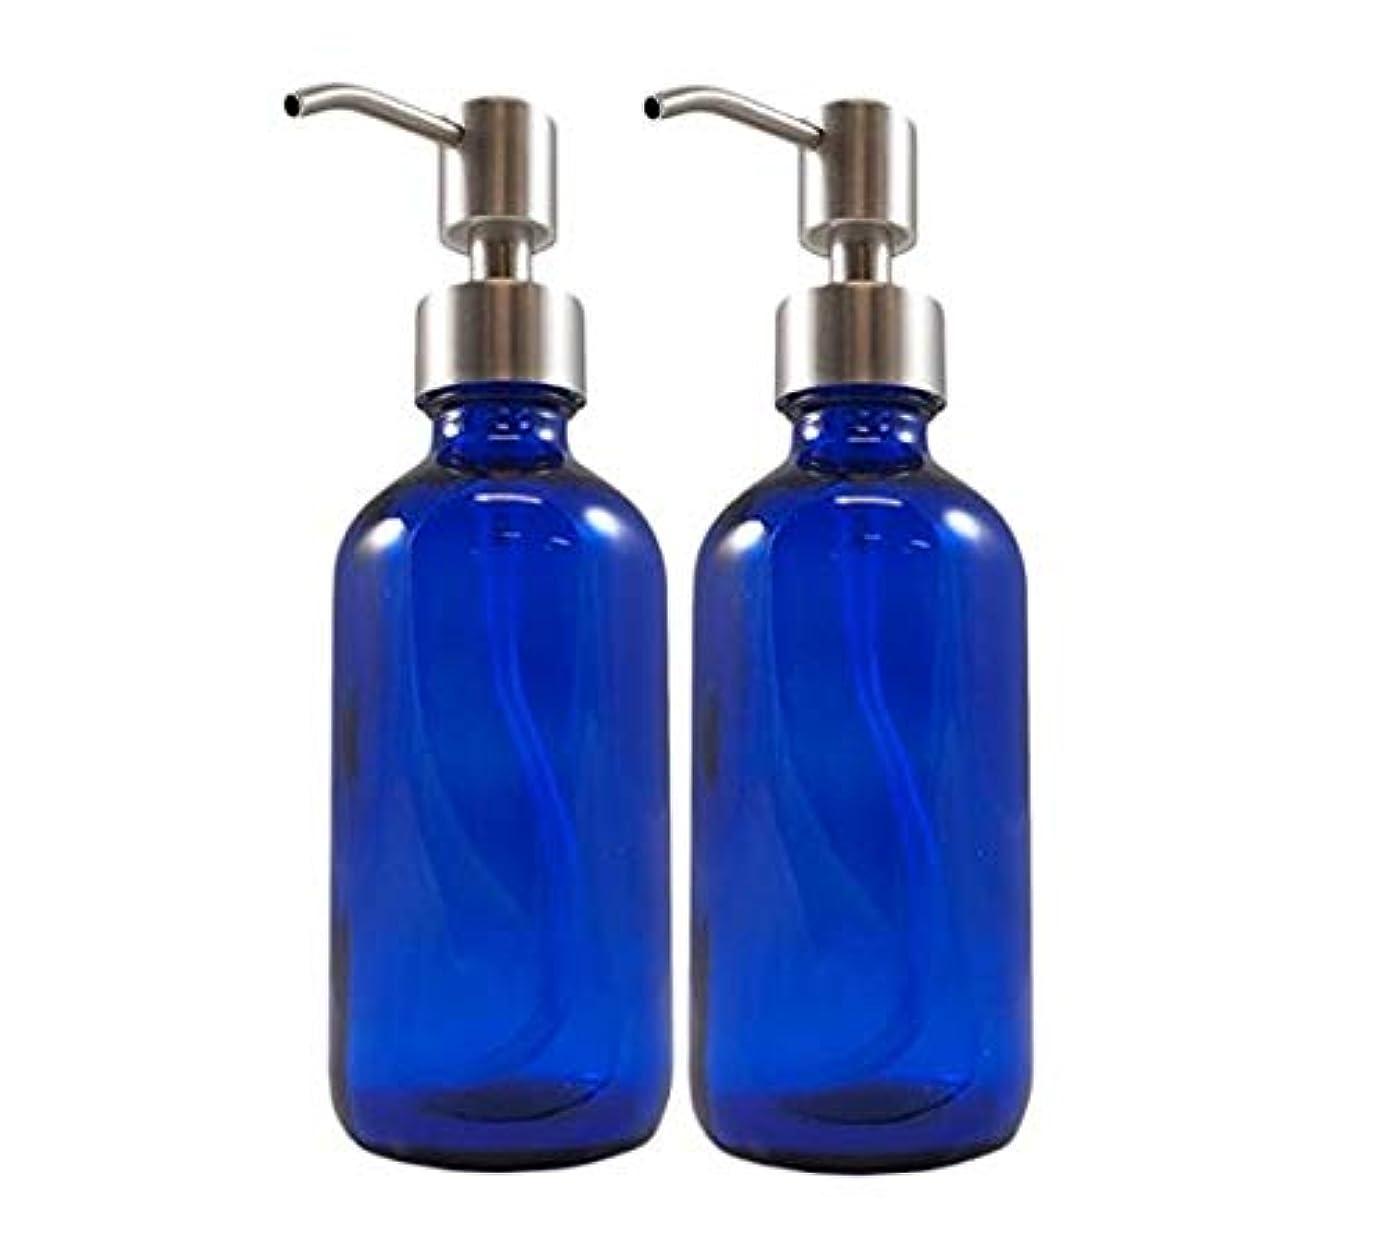 カメラジェーンオースティンスーパー2本セット 遮光瓶 コバルトブルー ガラス ポンプ ボトル 235ml ミニじょうご付き 青ボトル [並行輸入品]